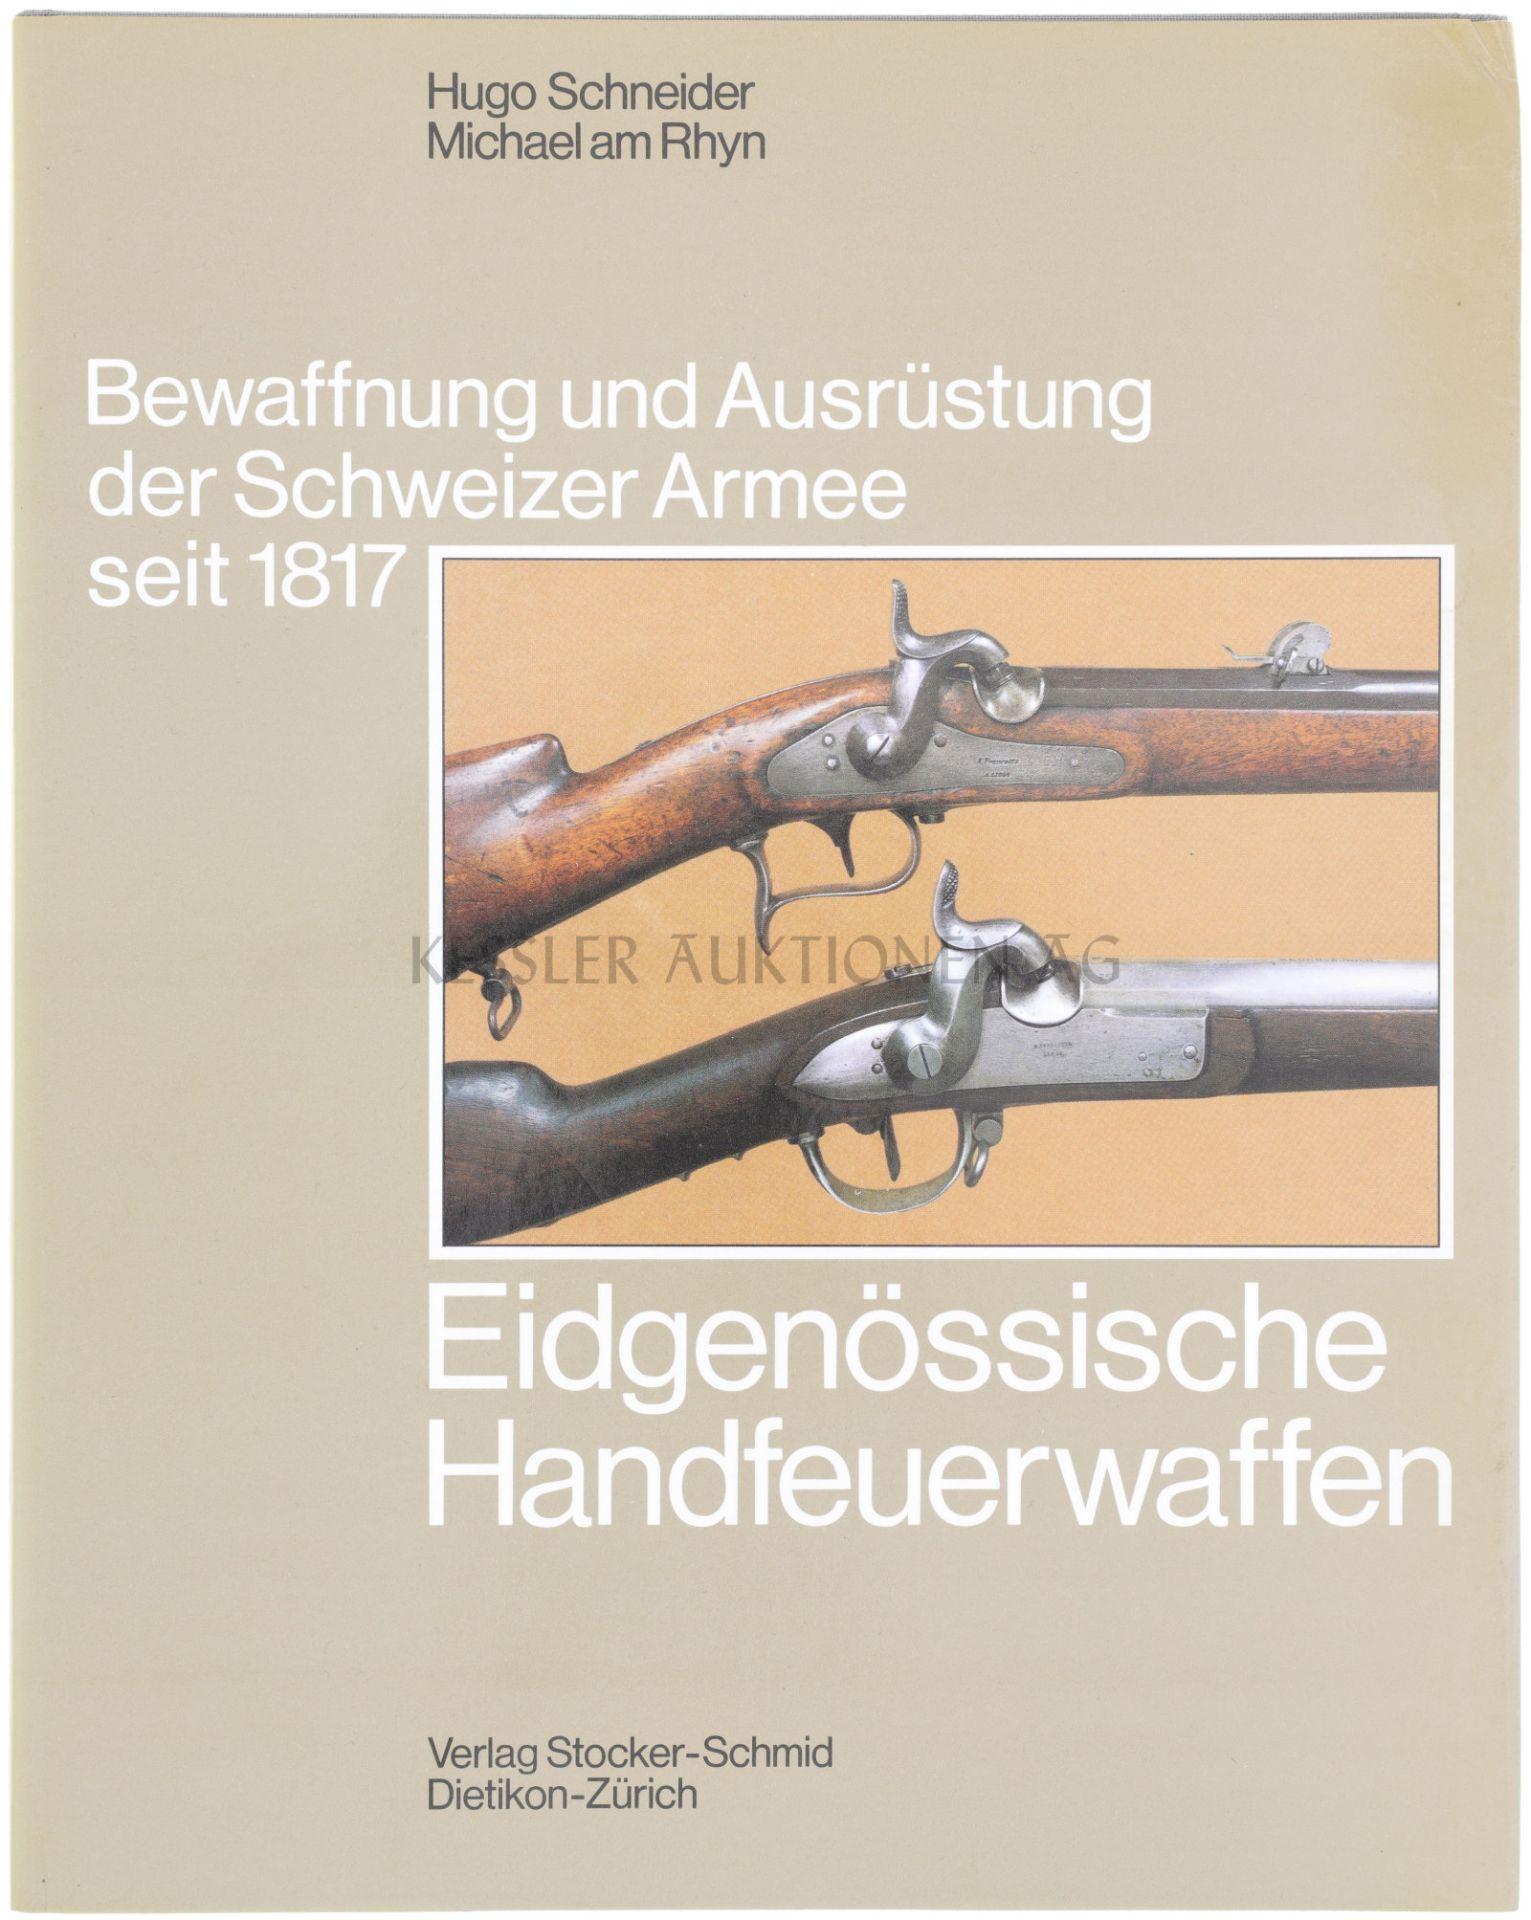 """Eidgenössische Handfeuerwaffen, Band 2 aus der Reihe """"Bewaffnung und Ausrüstung der Schweizer"""